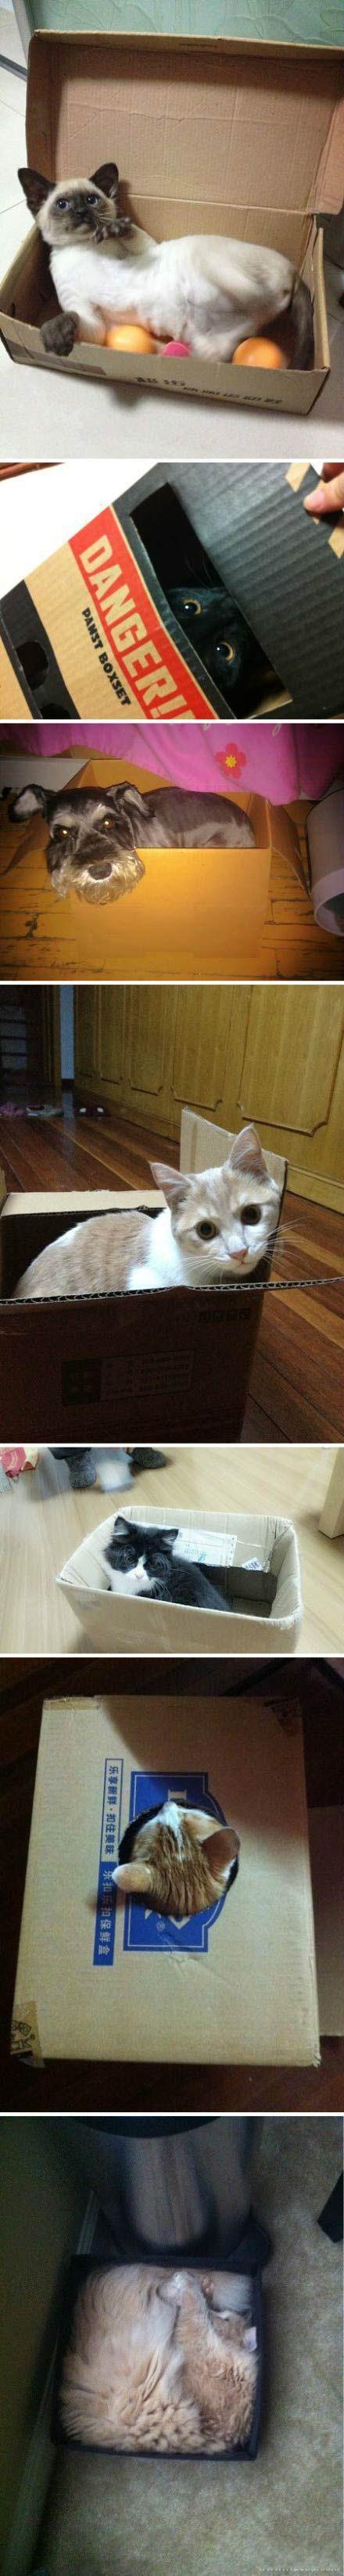 据说只要放个盒子,猫就会钻进去